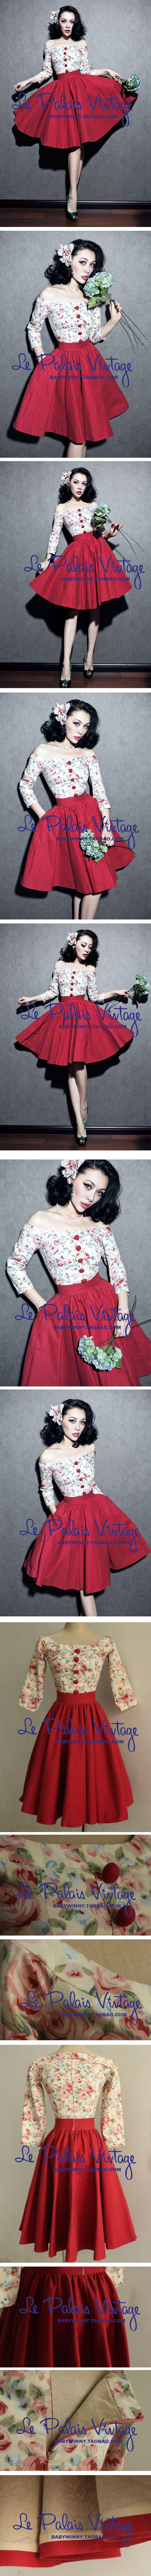 Le palais vintage high quality limited edition incarcerators color block slit neckline puff DRESS